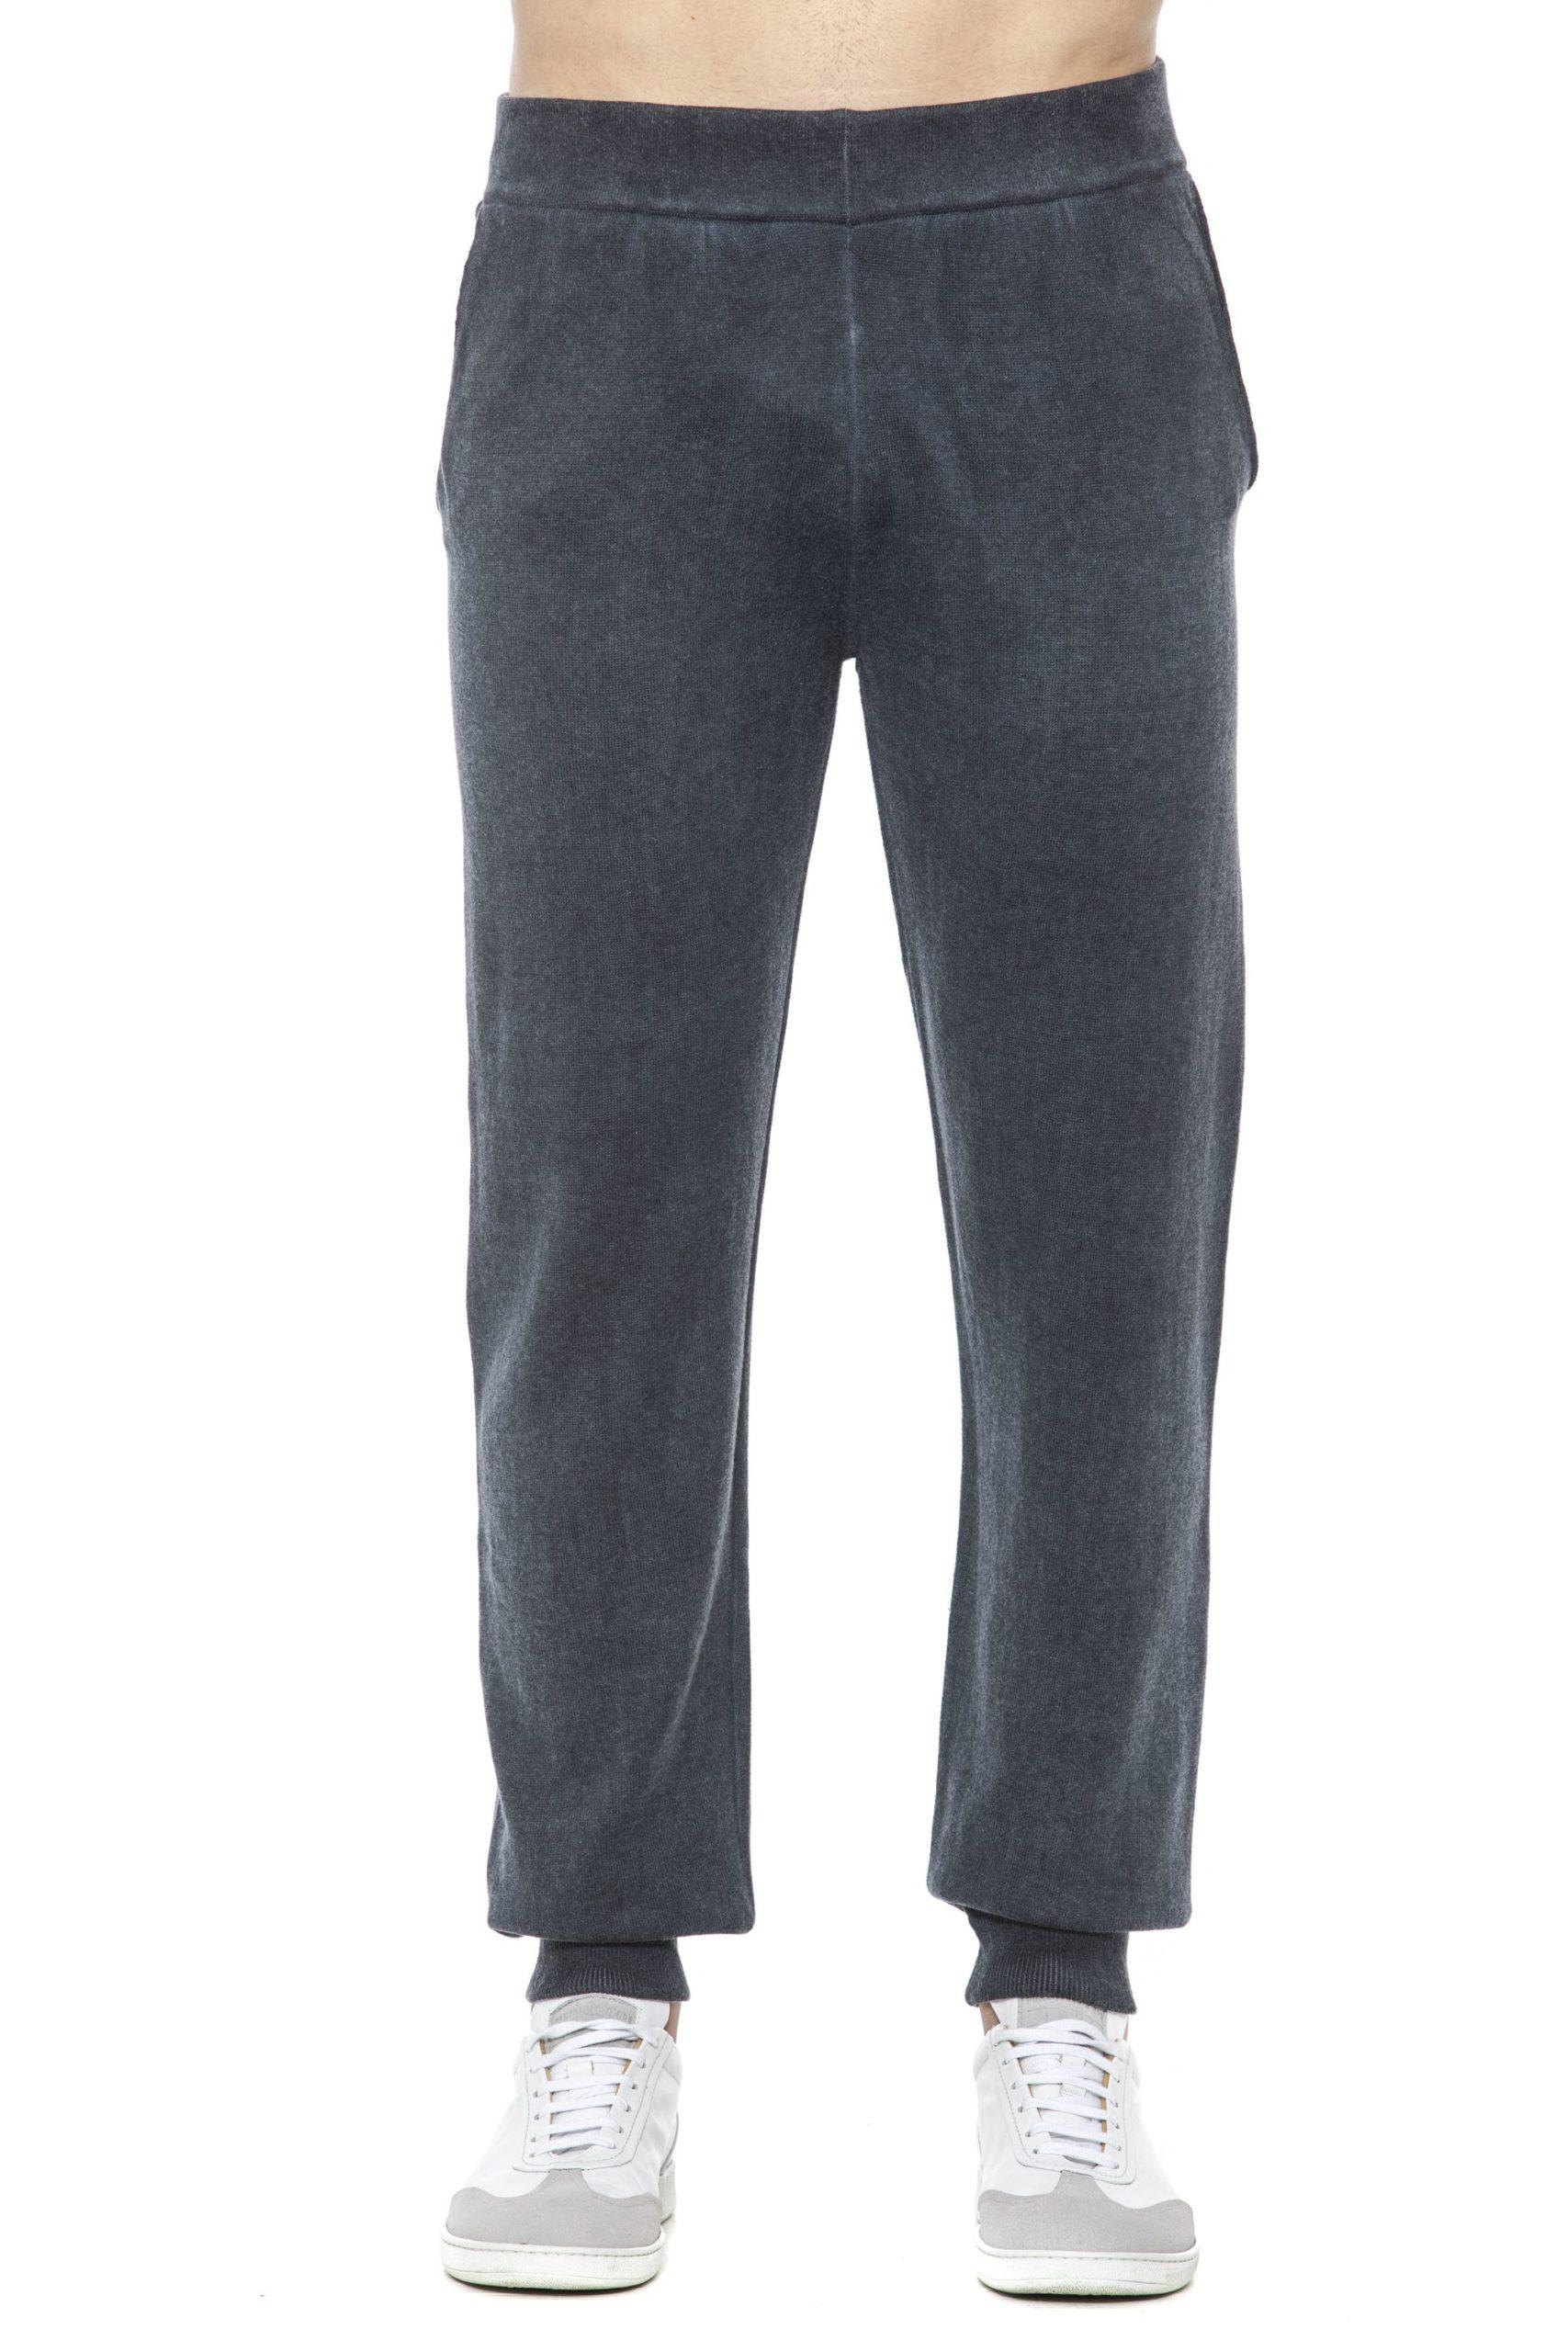 Alpha Studio Men's Notte Trouser Blue AL1394960 - IT48 | M